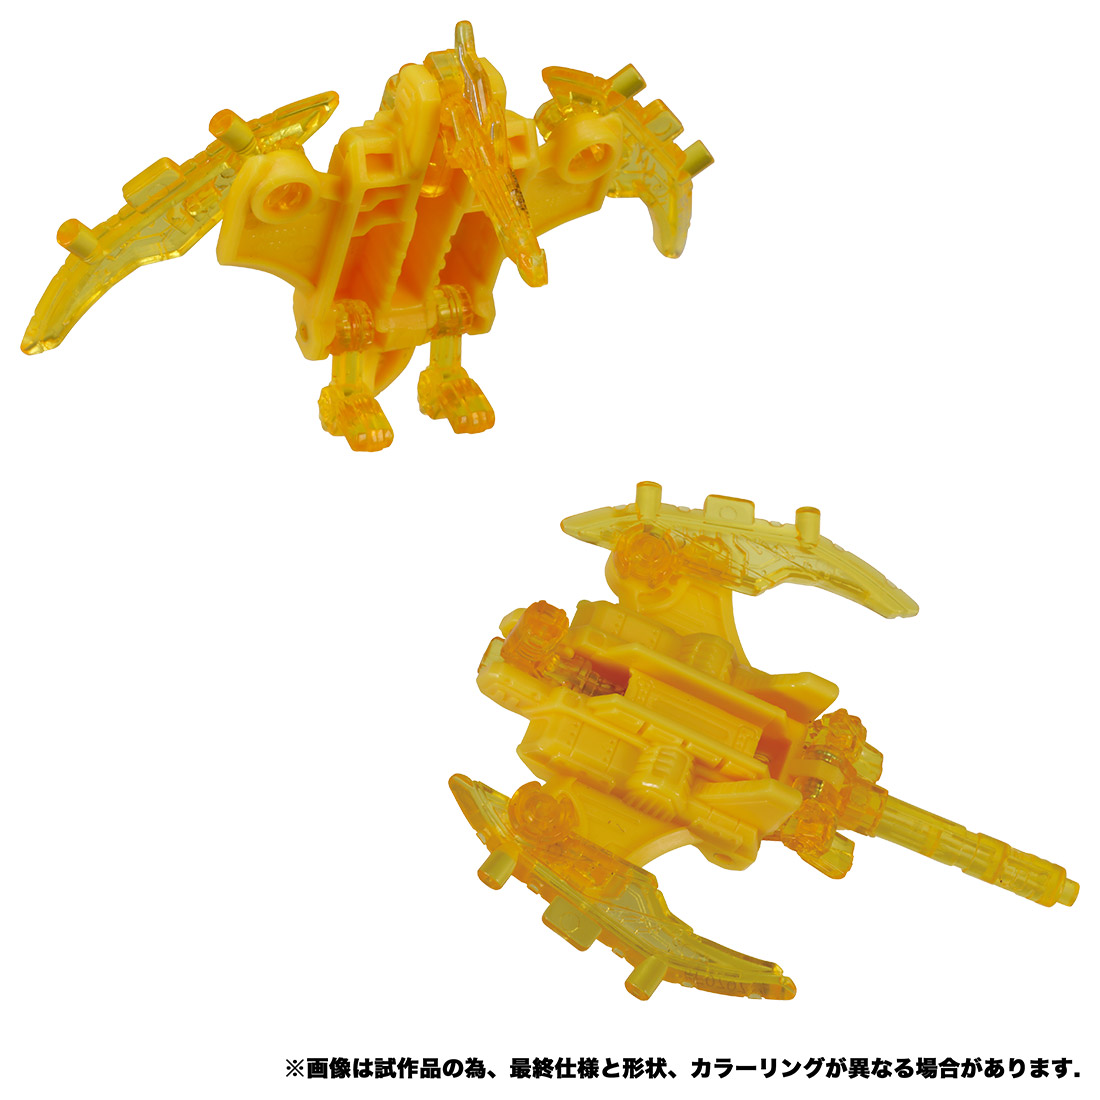 トランスフォーマー ウォーフォーサイバトロン『WFC-11 オプティマスプライム』可変可動フィギュア-006